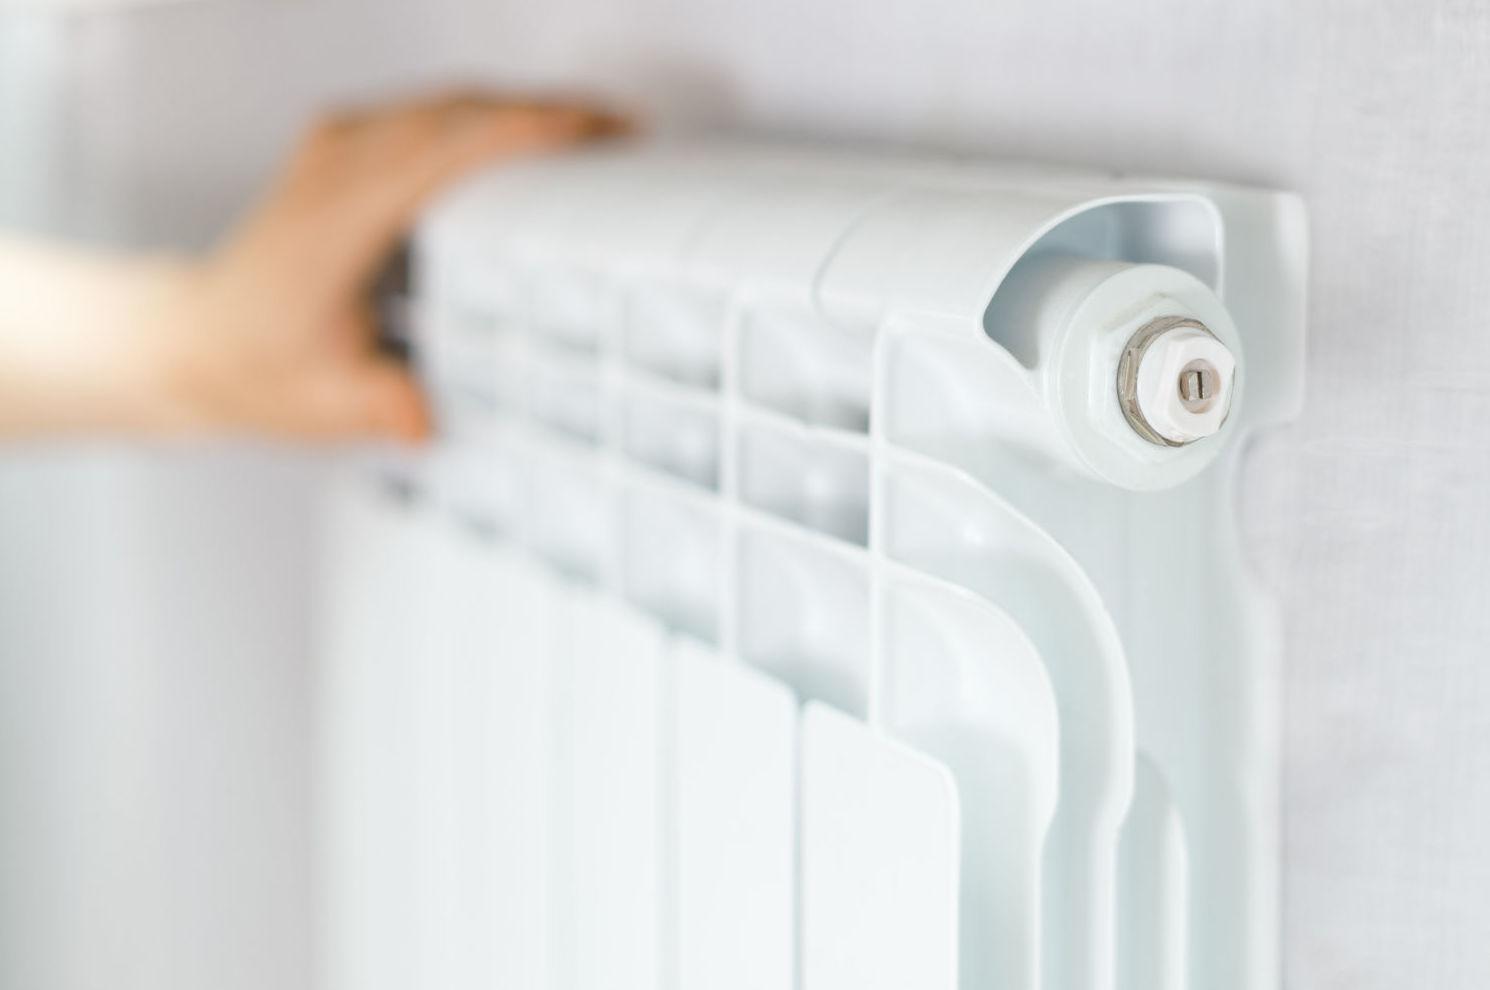 Instalación y reparación de calefacción en Zamora